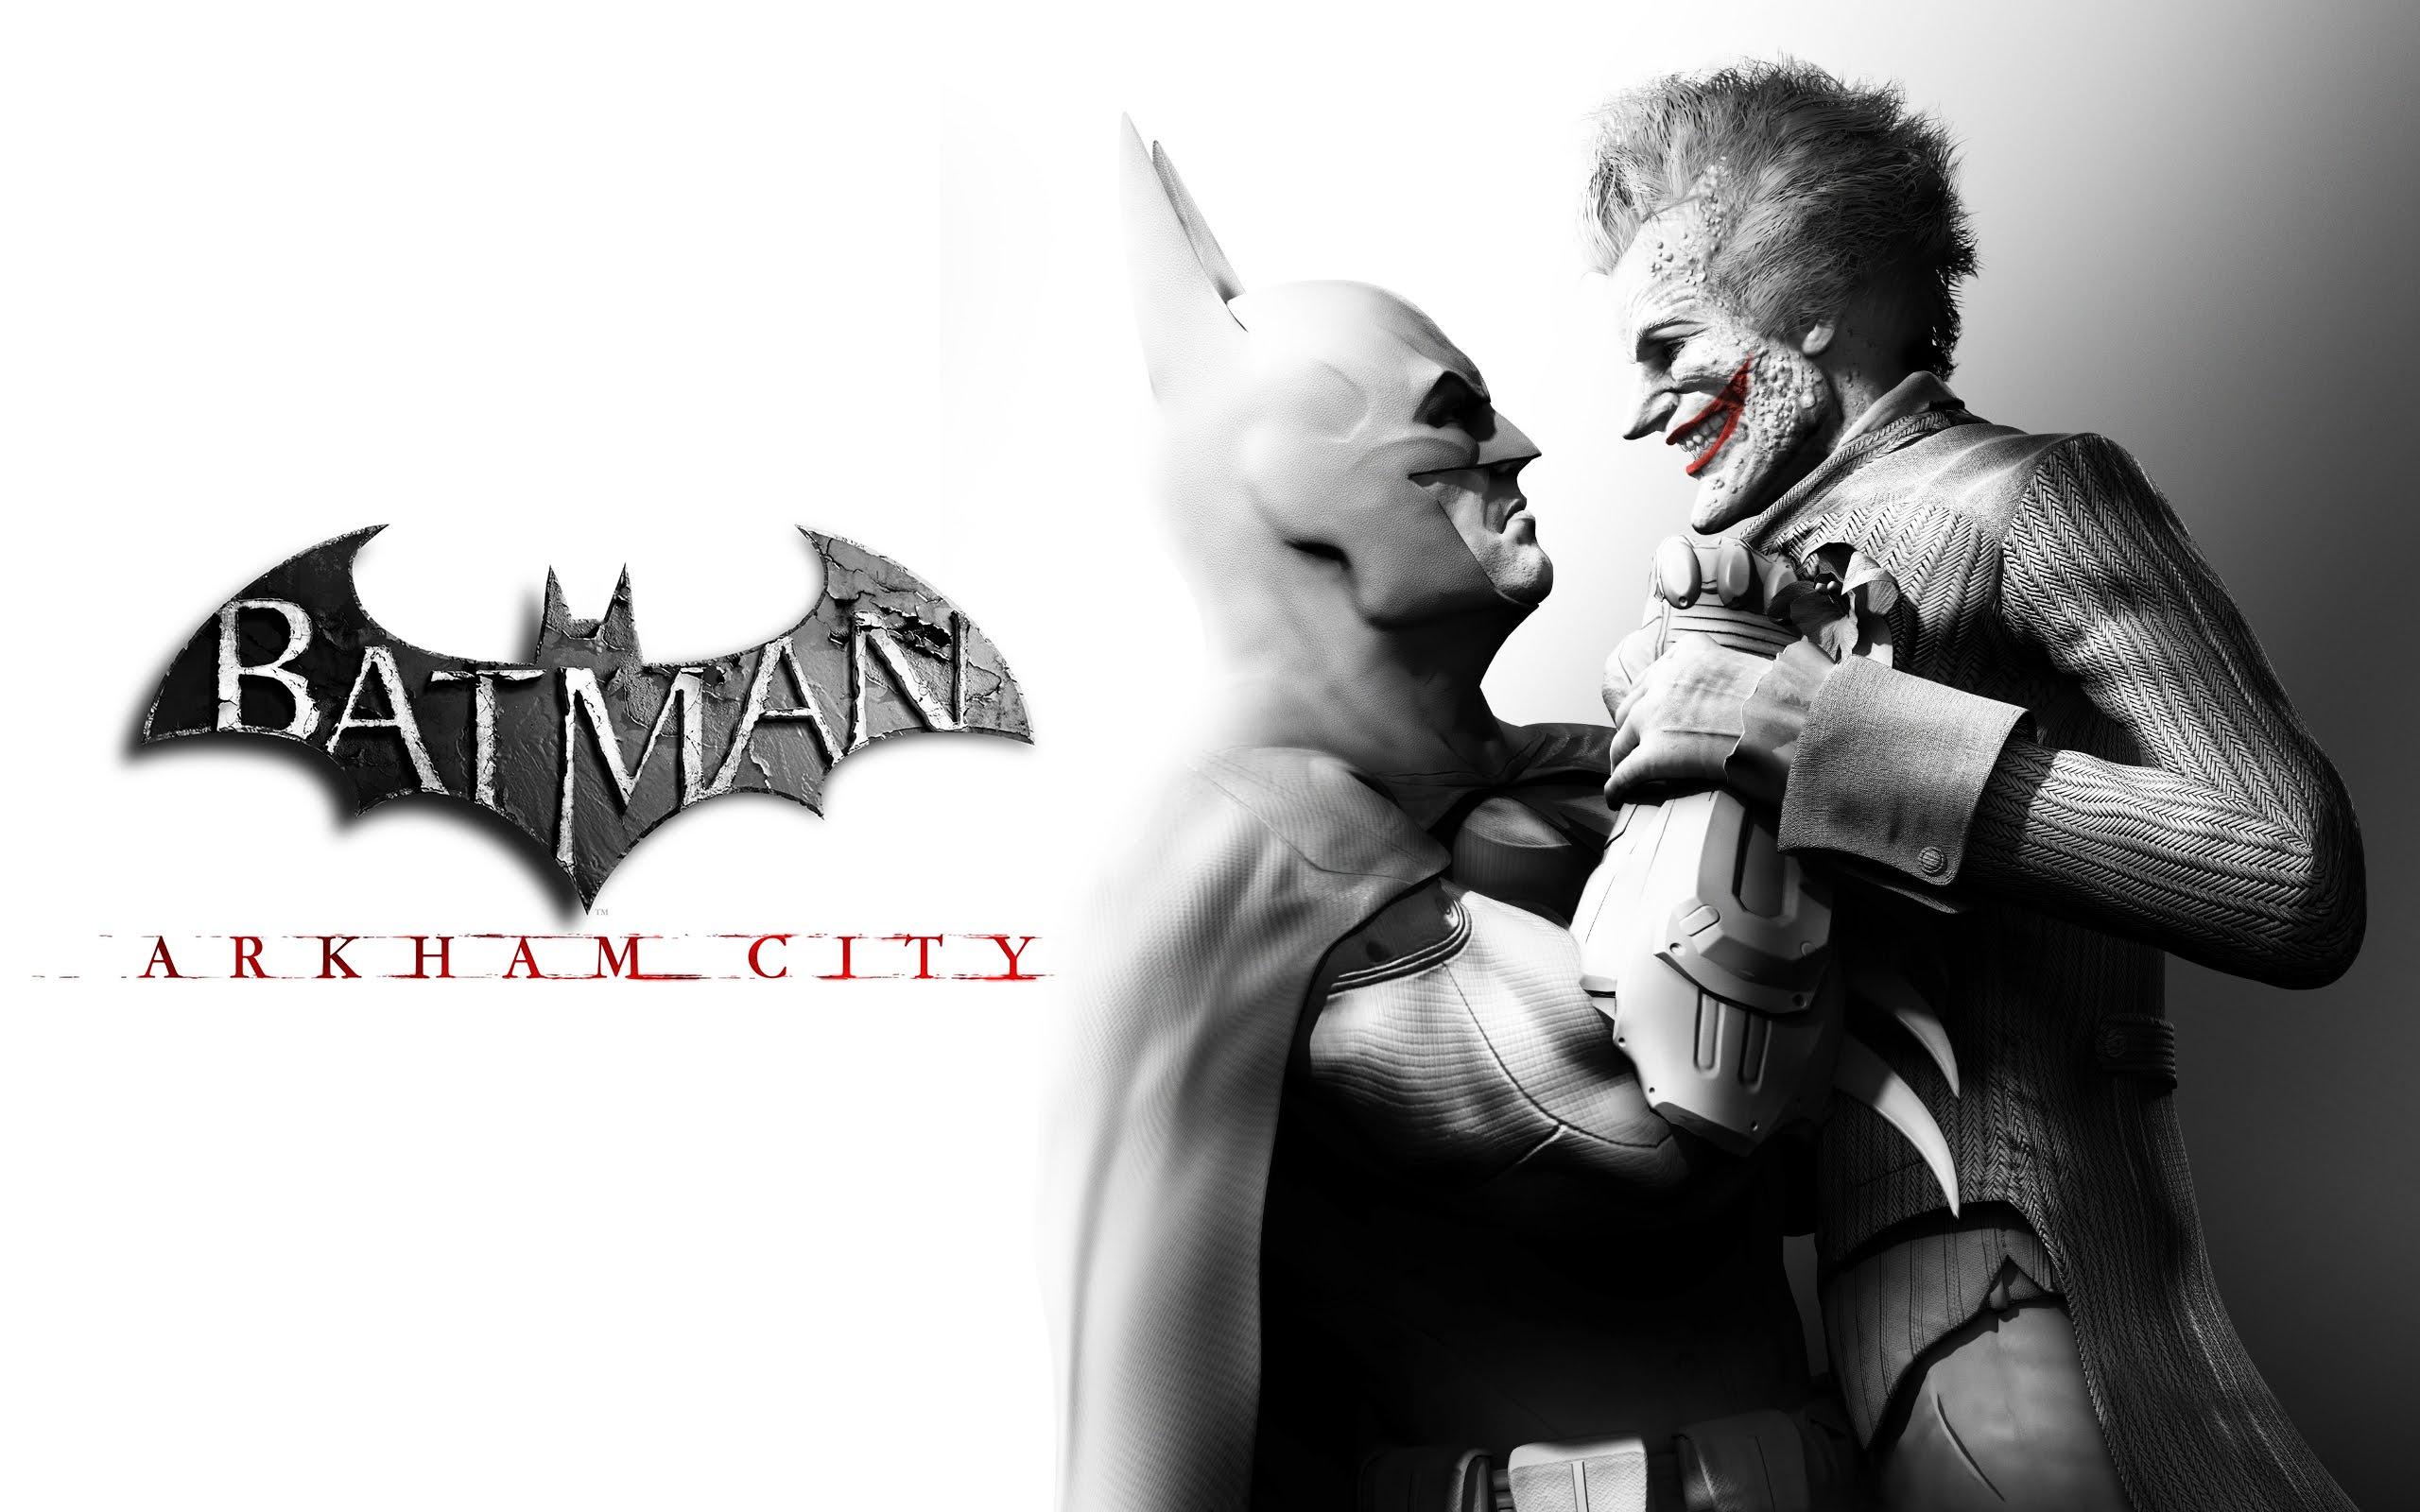 Batman: Arkham City telecharger gratuit de PC et Torrent